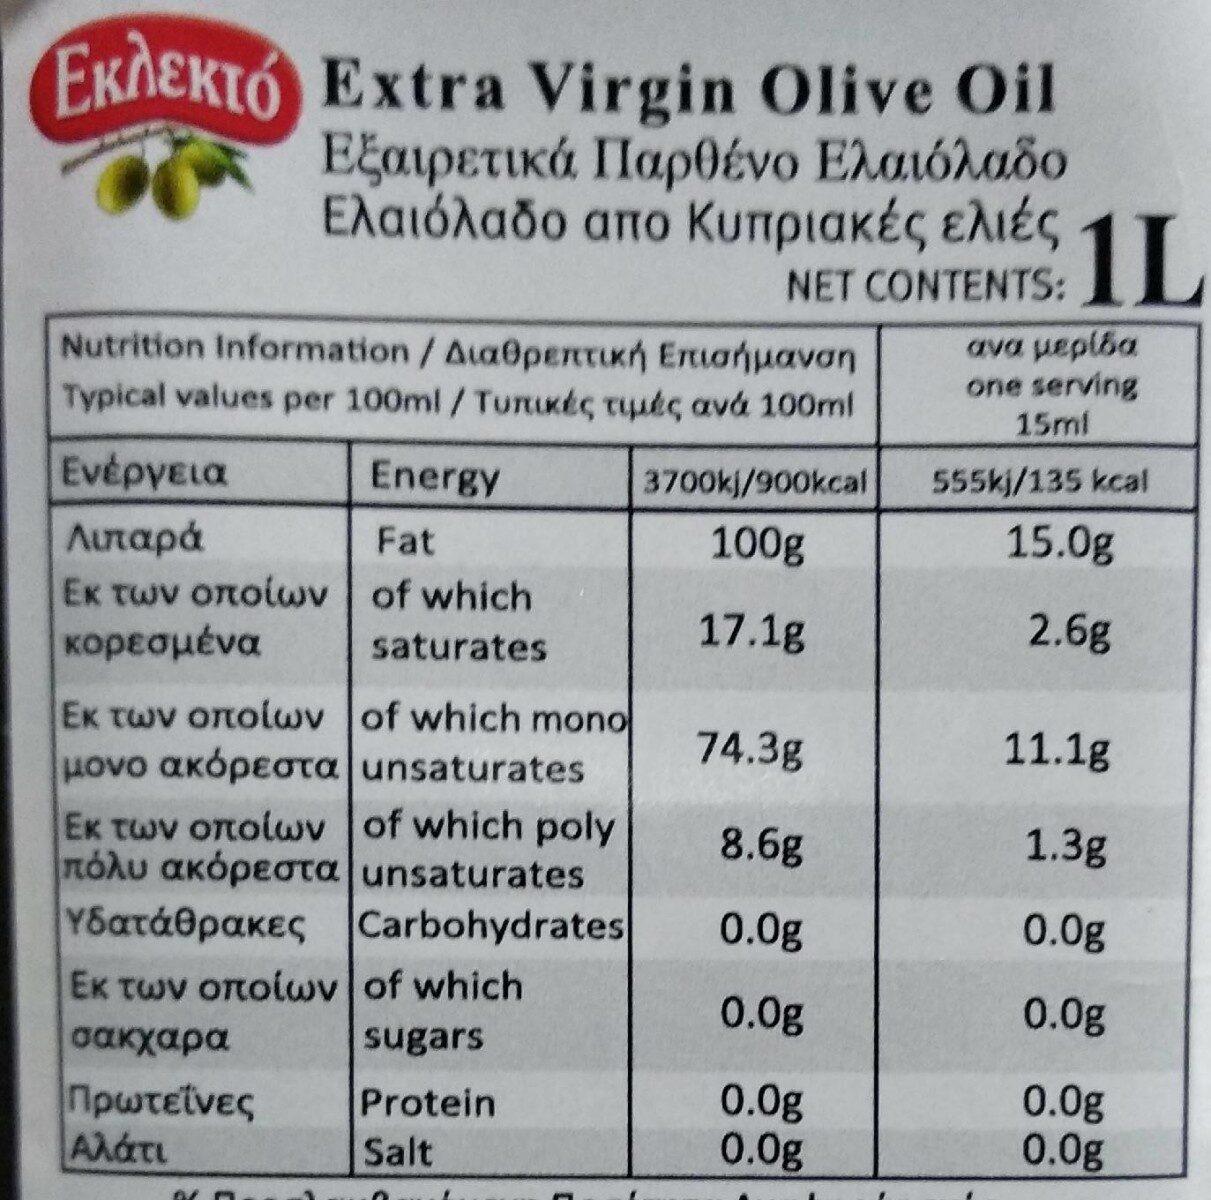 Extra virgin olive oil - Διατροφικά στοιχεία - fr